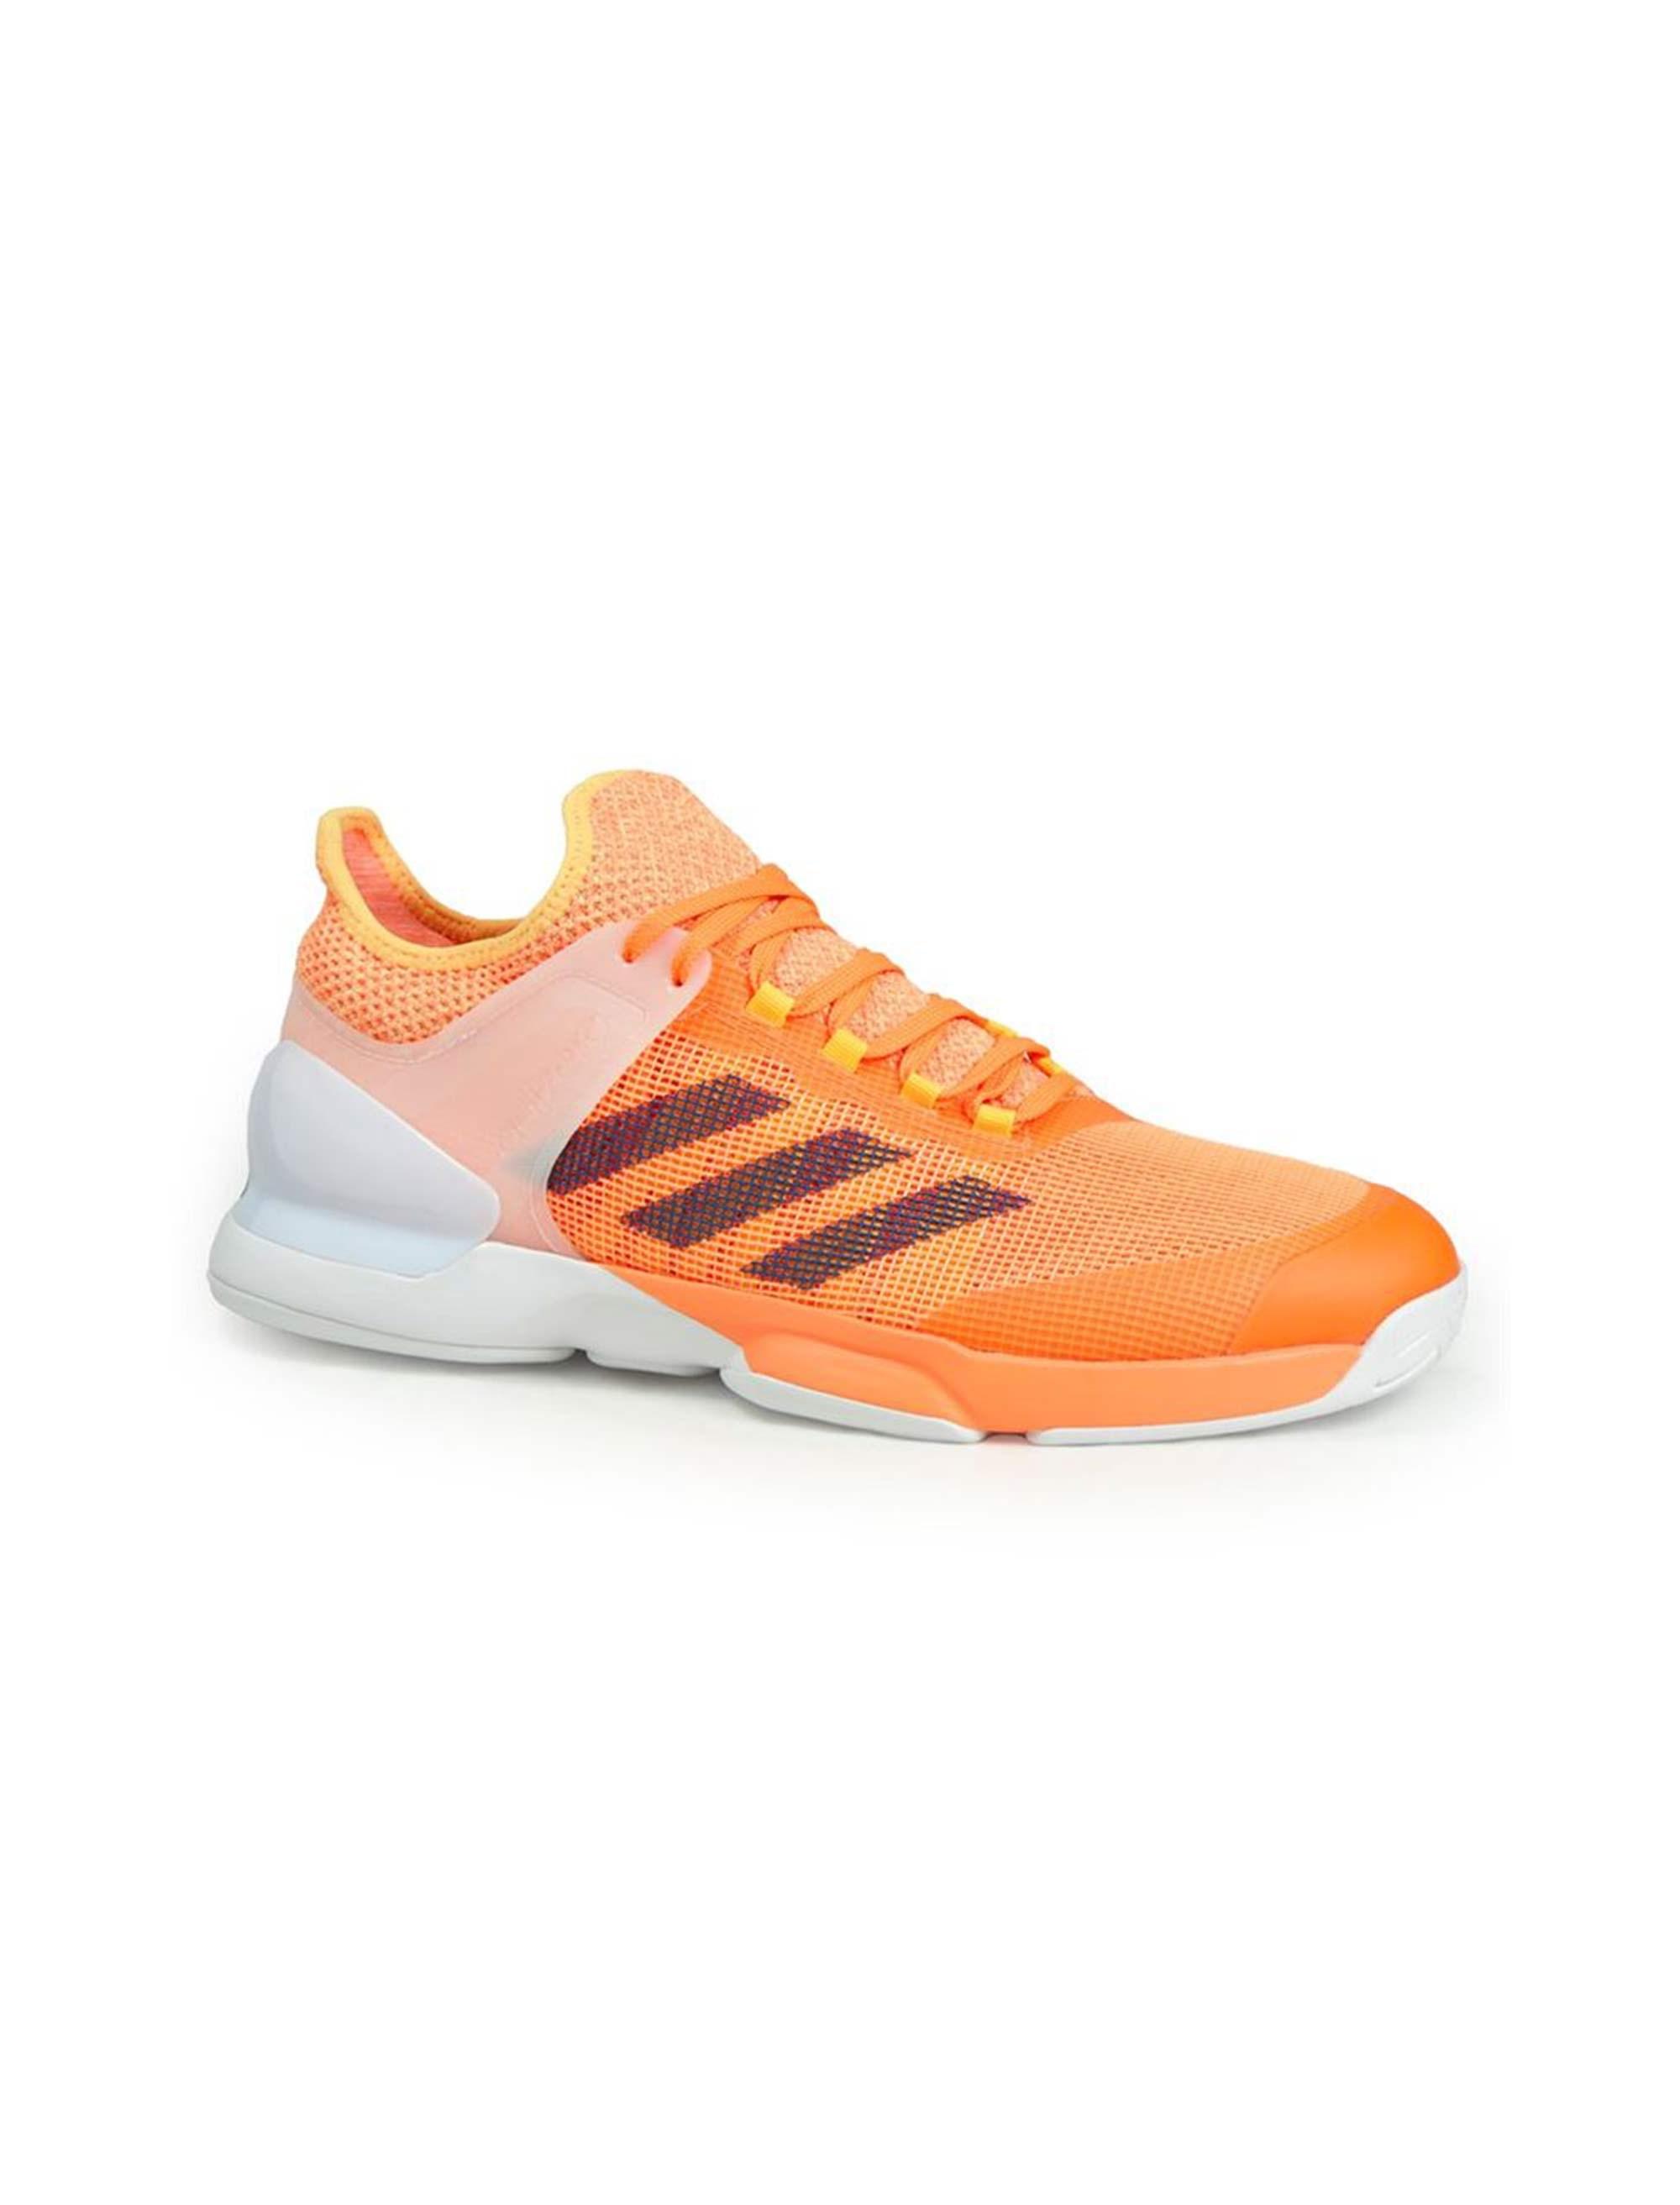 کفش تنیس بندی مردانه adizero Ubersonic 2